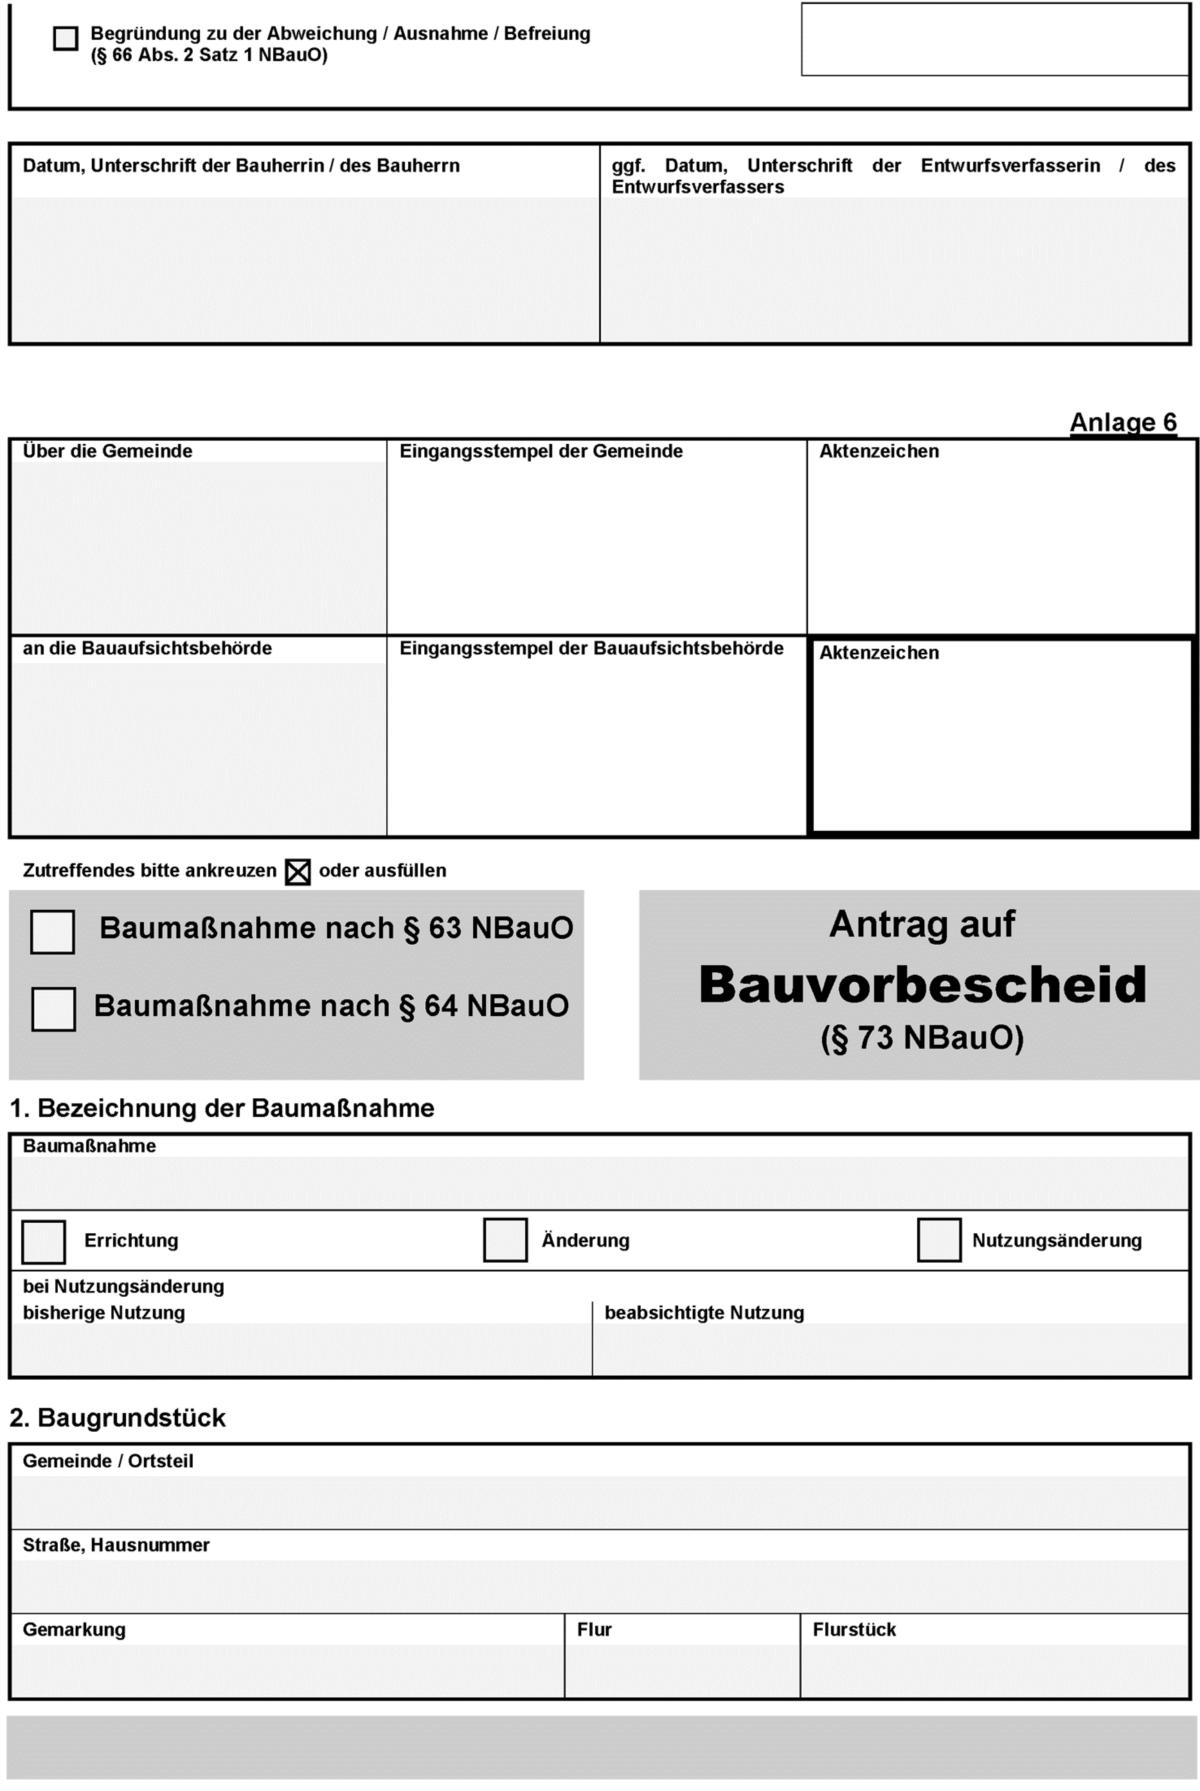 Bauvorlvo Verordnung Uber Bauvorlagen Und Die Einrichtung Von Automatisierten Abrufverfahren Fur Aufgaben Der Bauaufsichtsbehorden Beck Online